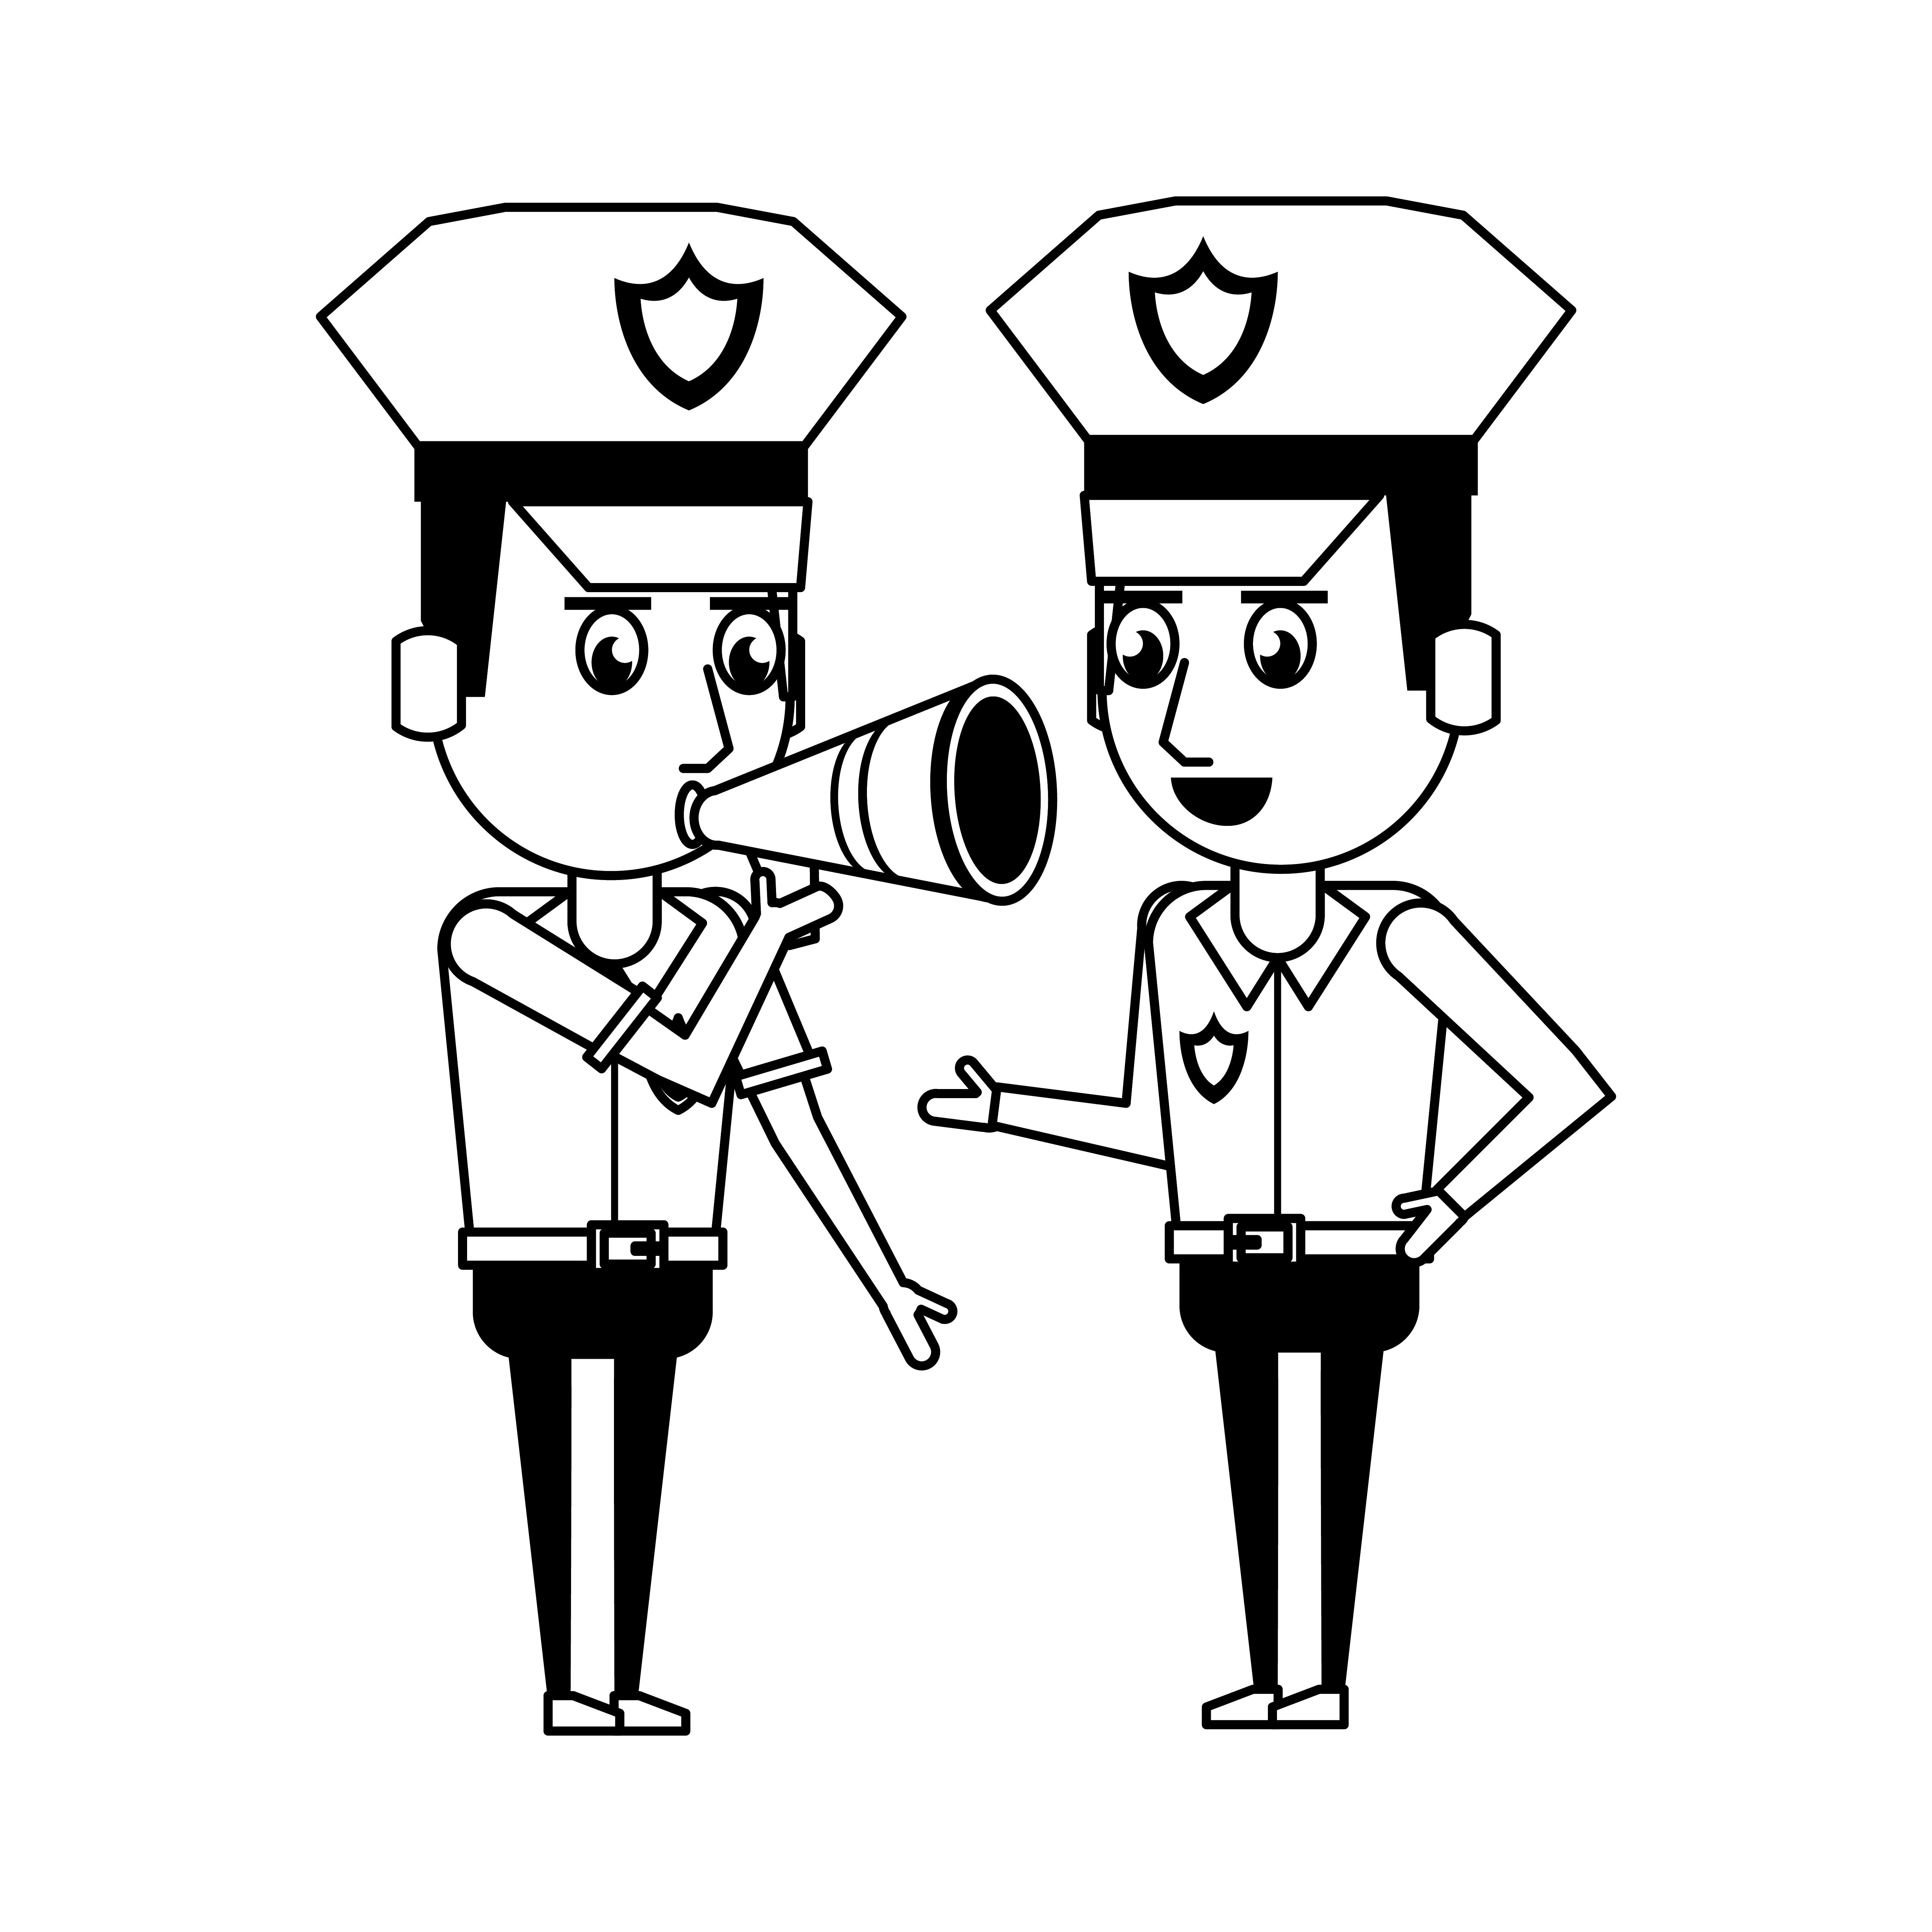 Personnage De Dessin Anime De Policiers En Noir Et Blanc Telecharger Vectoriel Gratuit Clipart Graphique Vecteur Dessins Et Pictogramme Gratuit